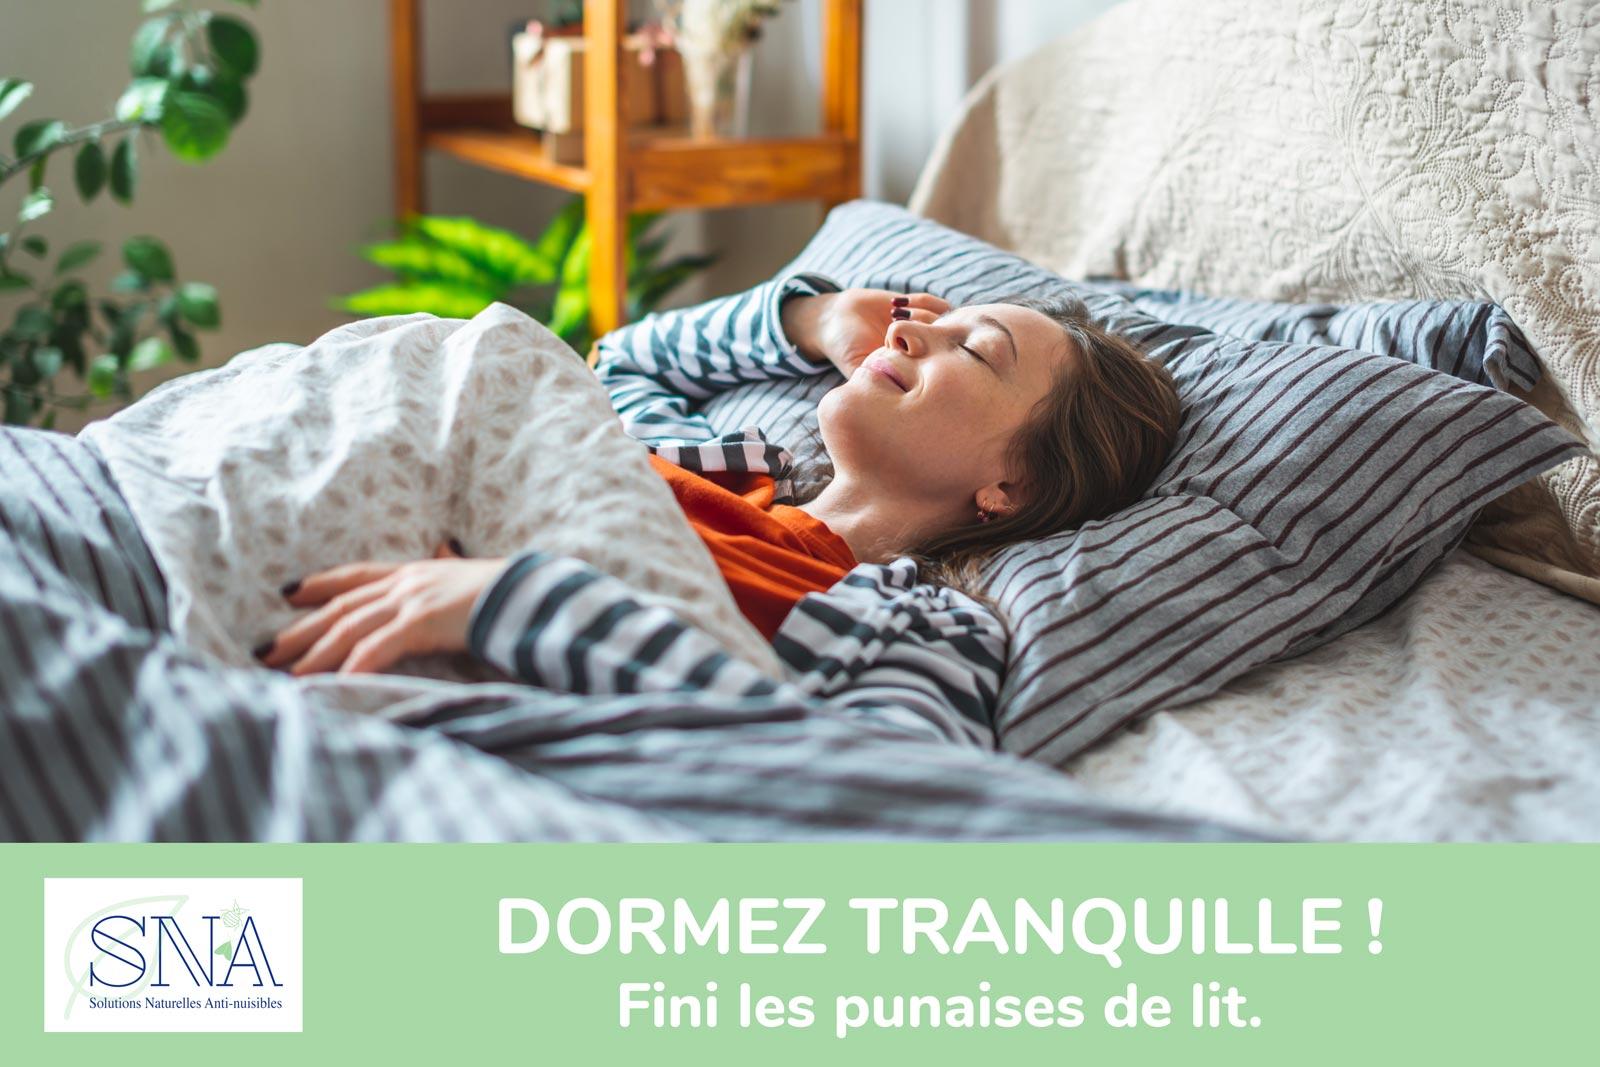 Société de traitement de punaise de lit à Toulouse (31) en Haute Garonne